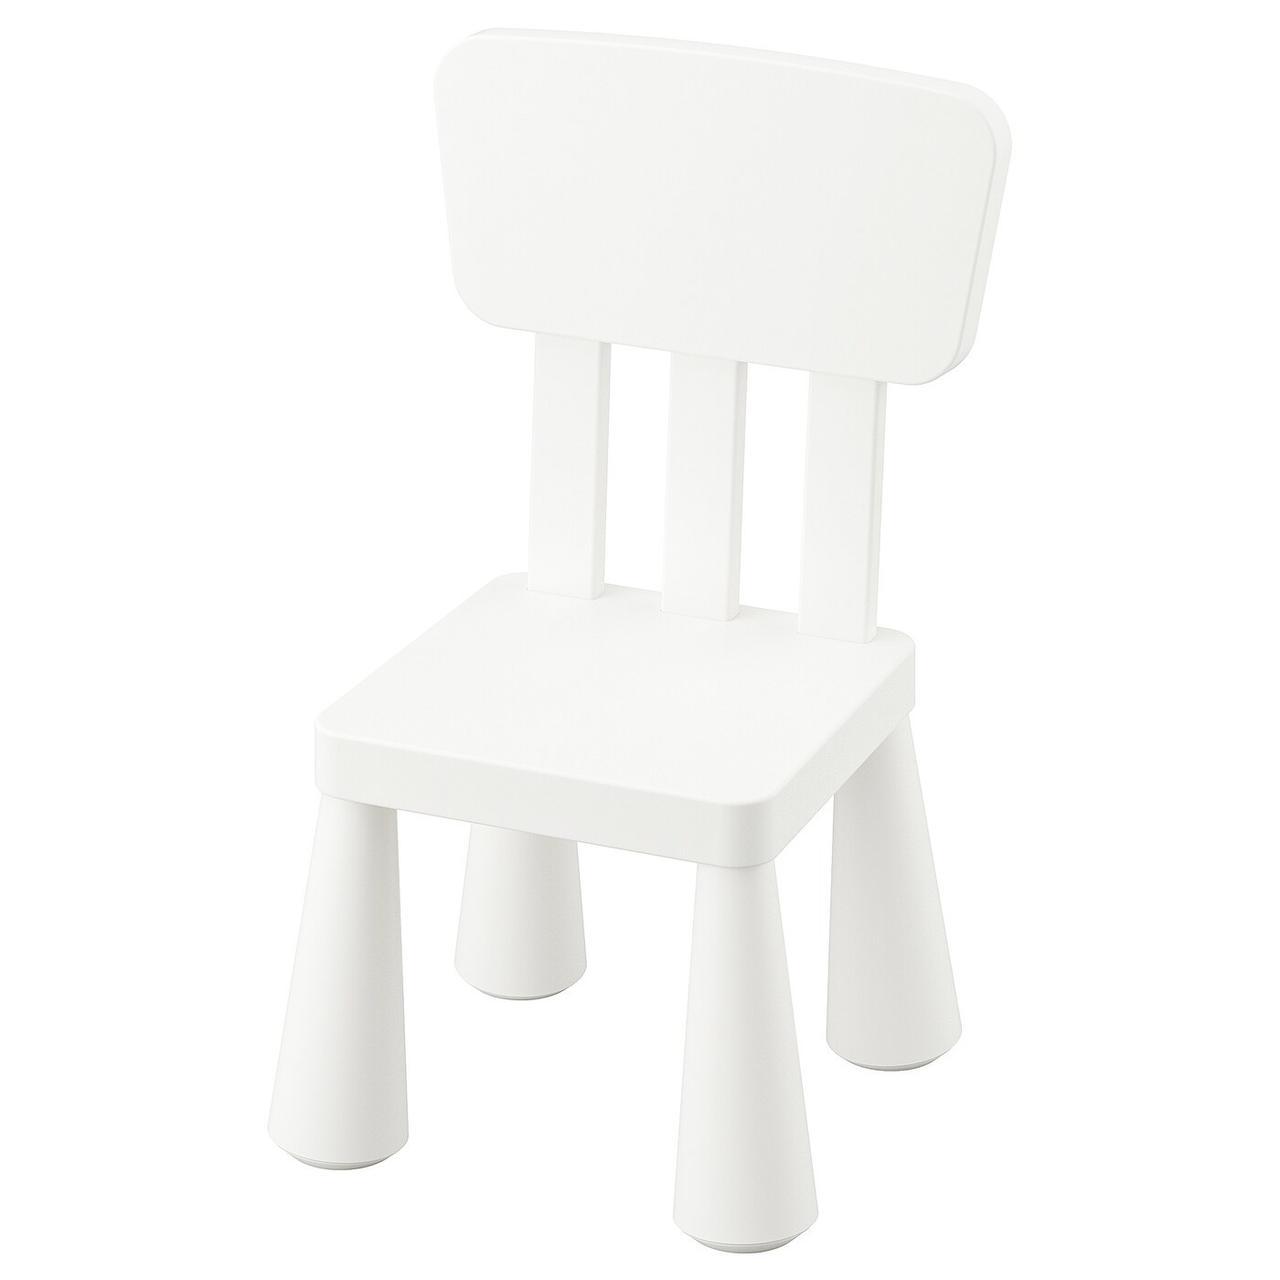 Детский стул MAMMUT Маммут, д/дома/улицы/белый